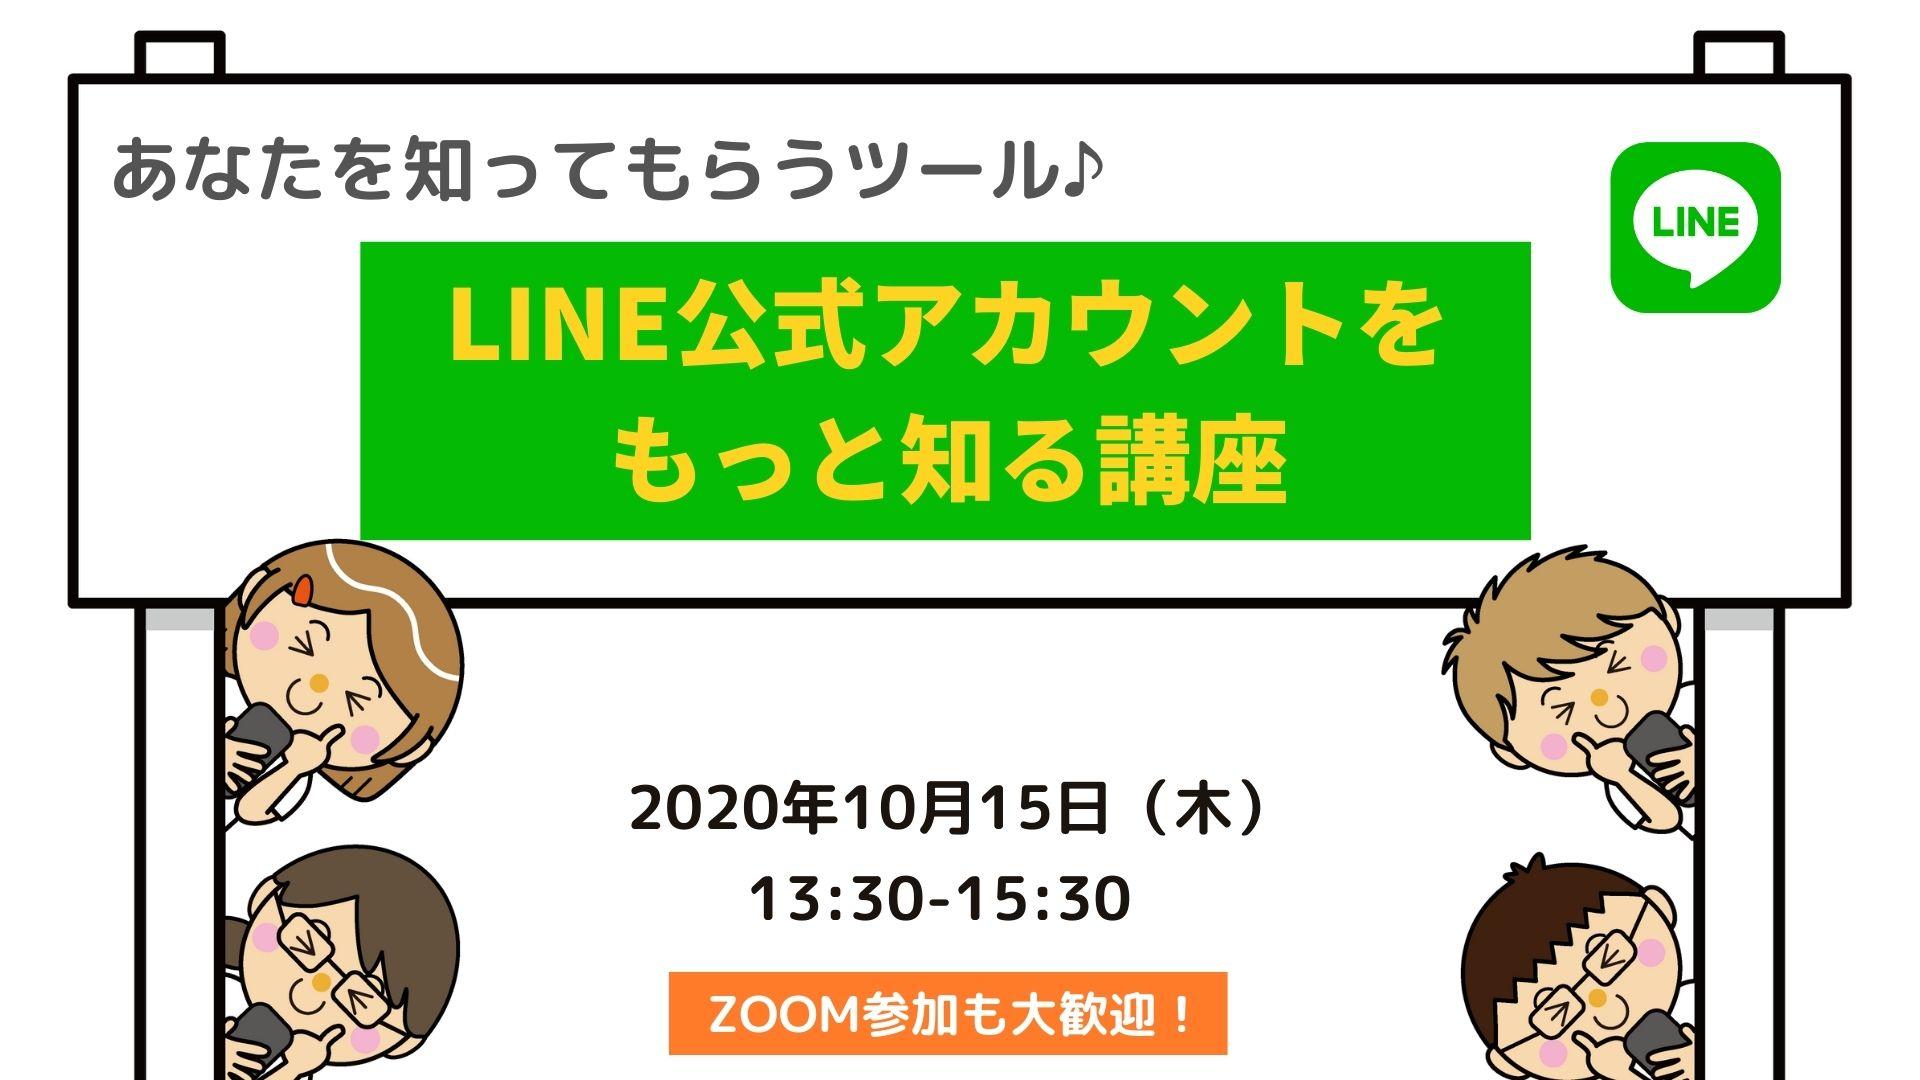 10/15 ☆zoom参加OK☆あなたを知ってもらうツール Line公式アカウントをもっと知る講座